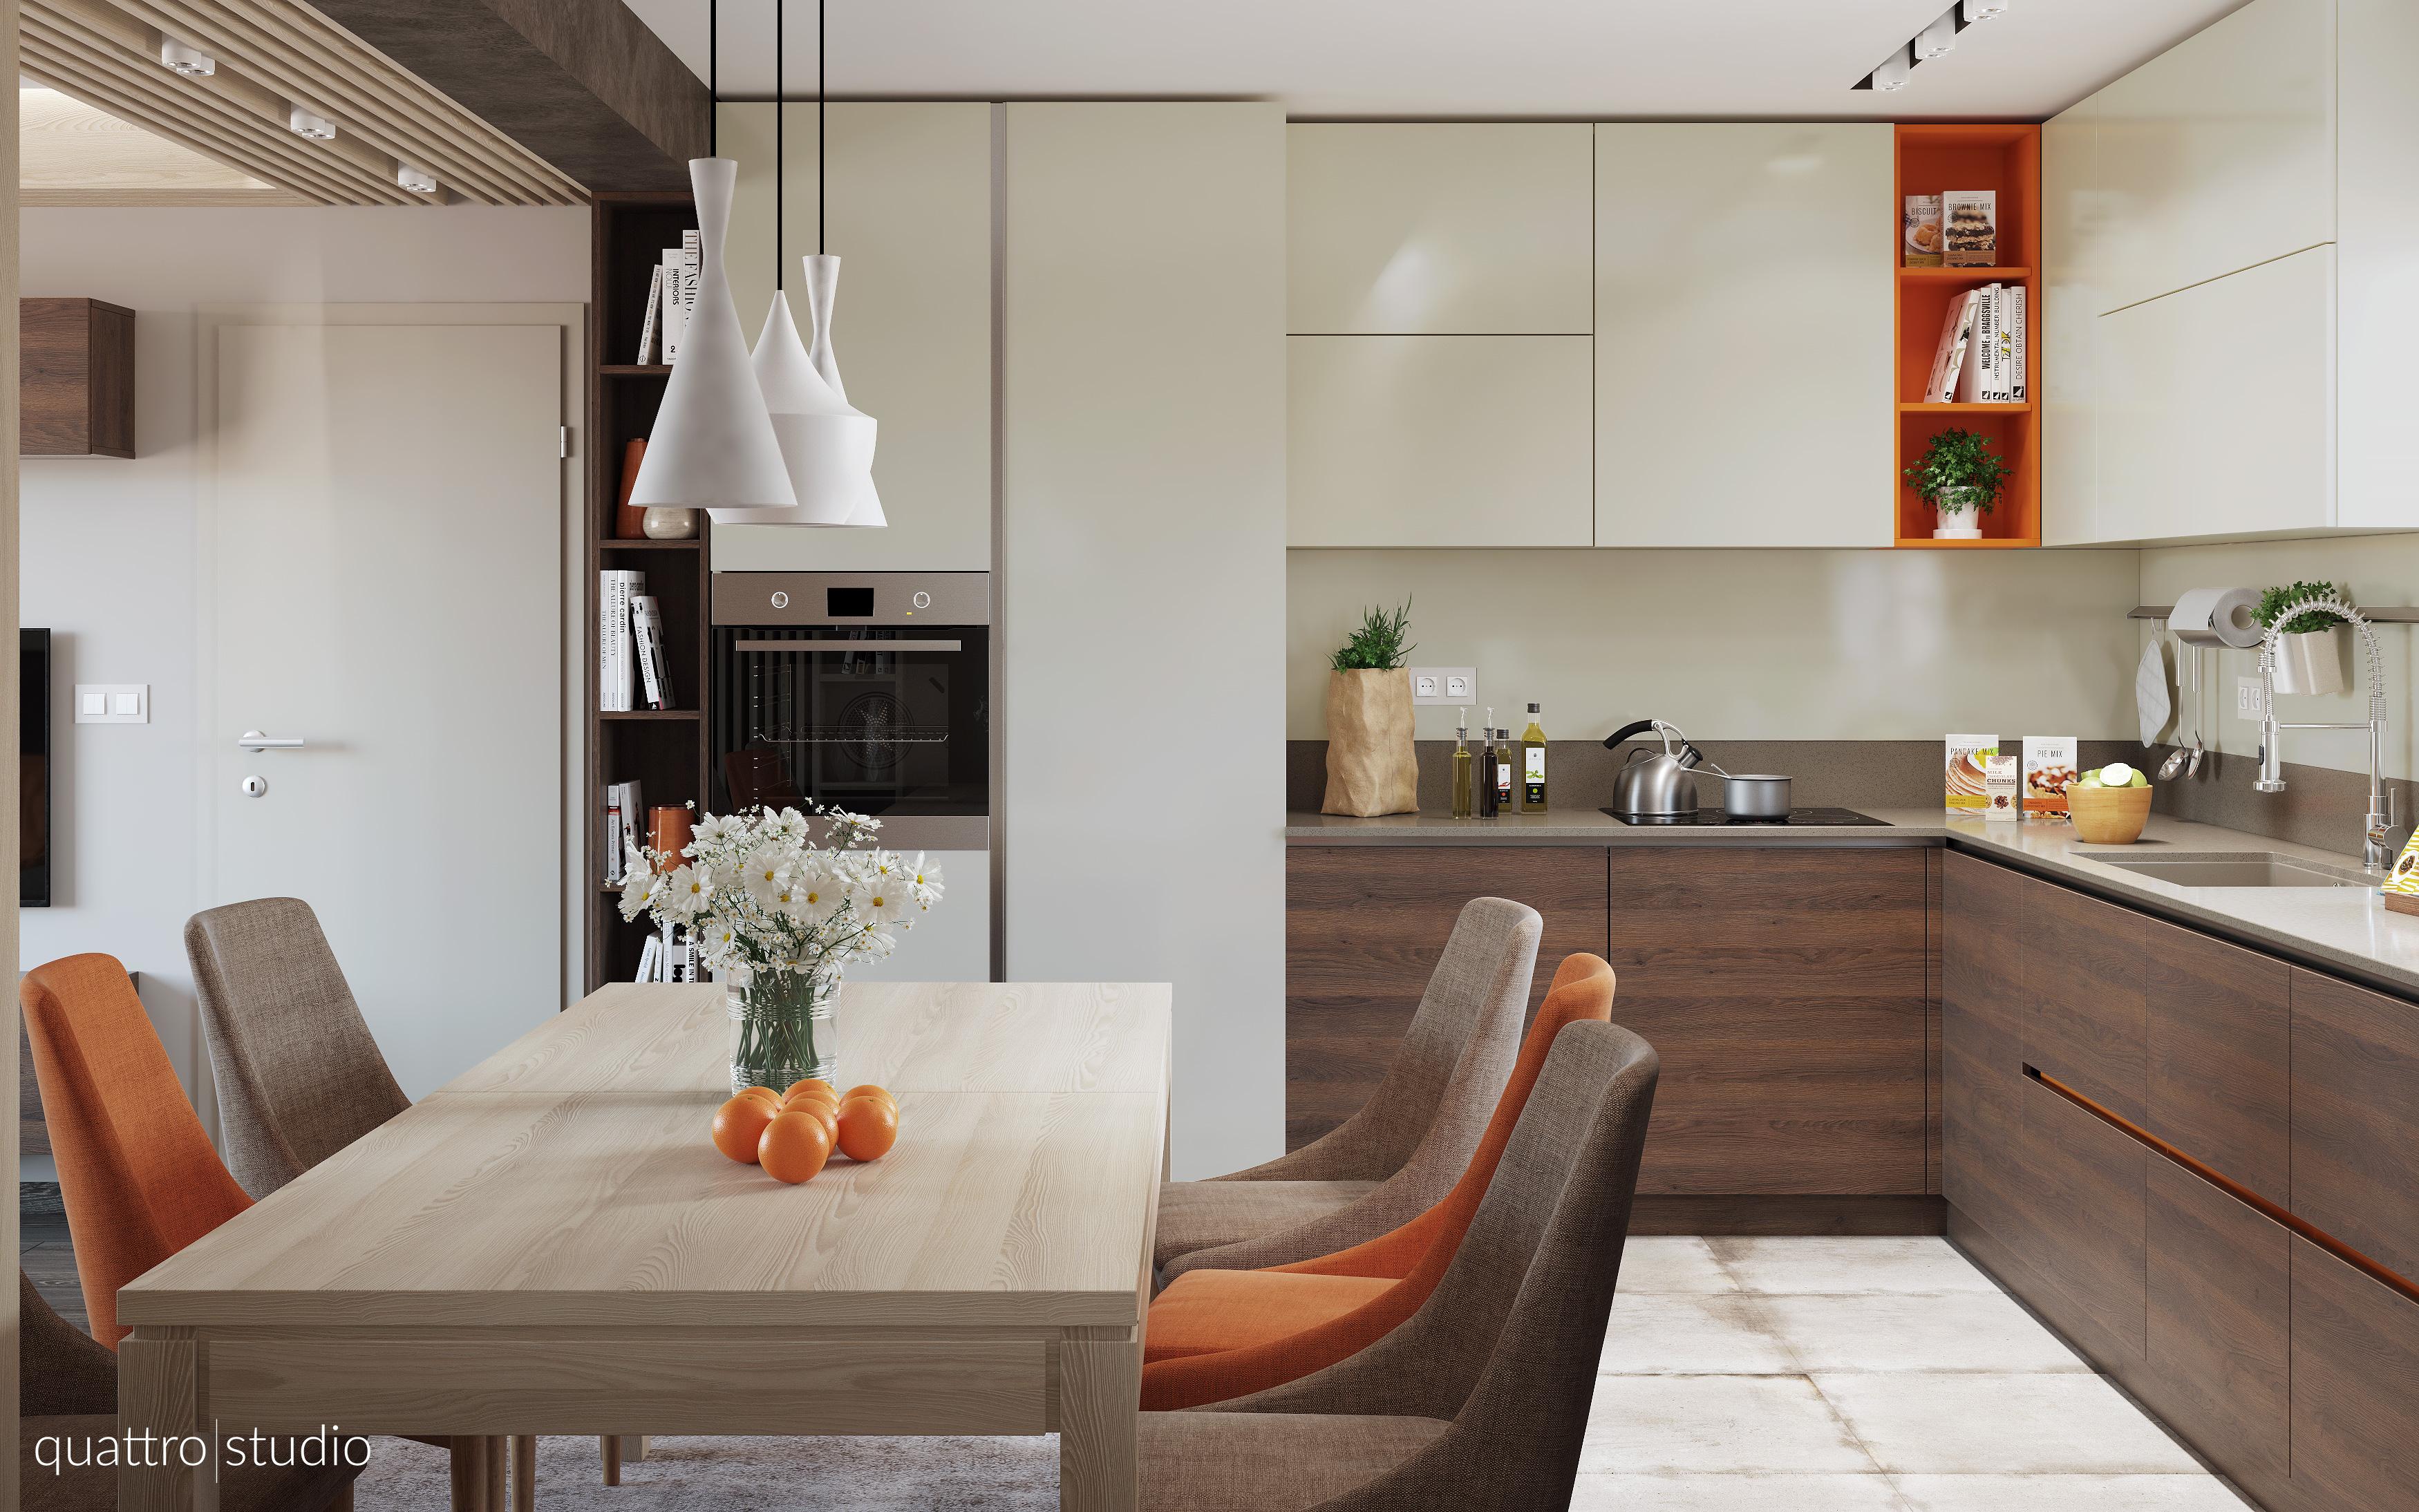 Interior design of apartment 90m2 quattro studio for 90m2 apartment plans